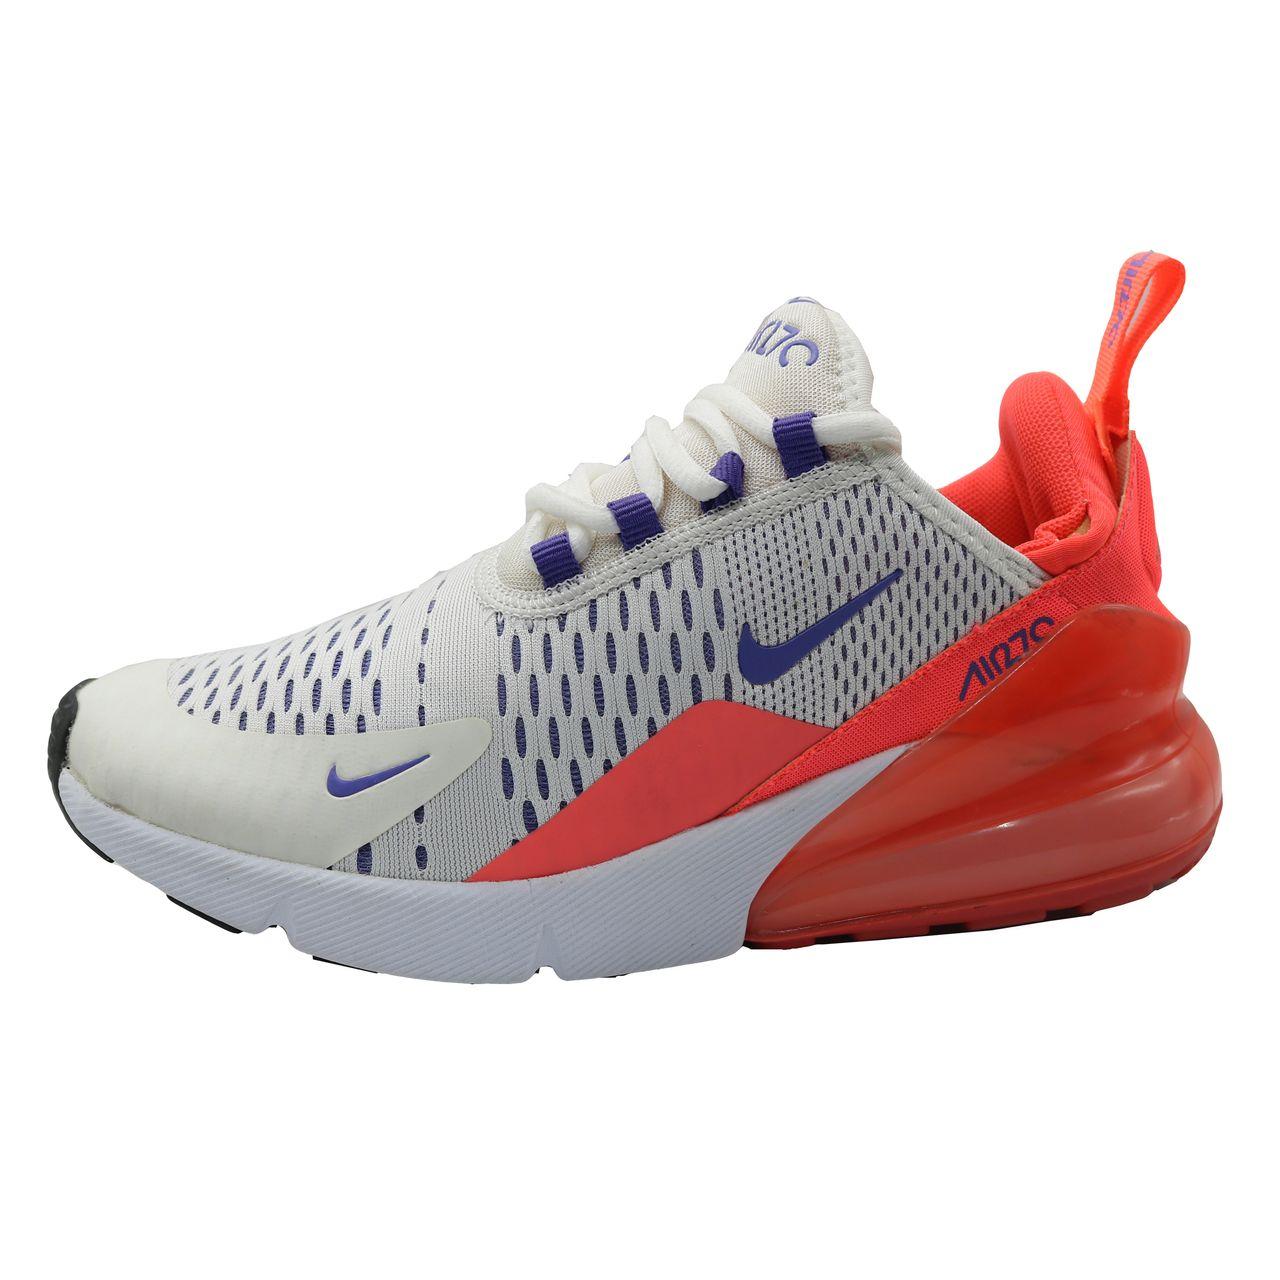 کفش مخصوص دویدن نایکیمدل Air max 270 رنگ سفید